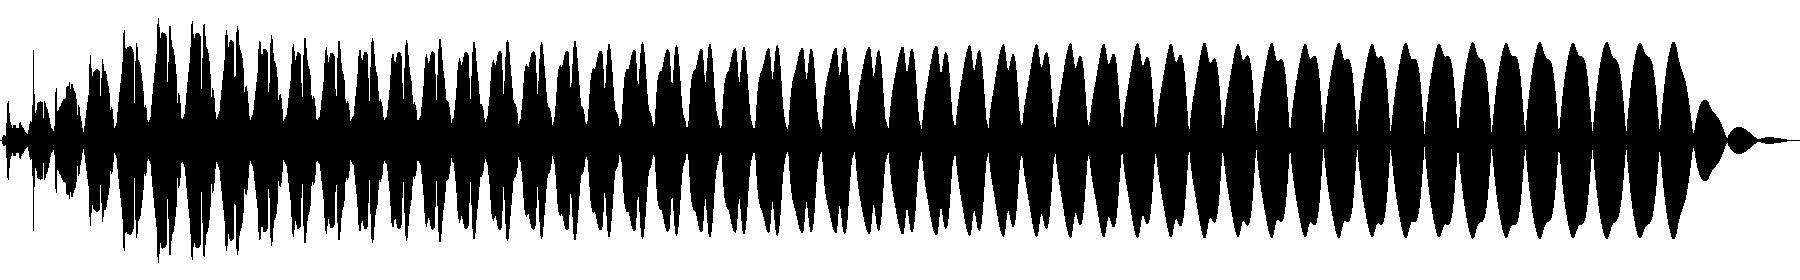 vedh bass cut 024 e